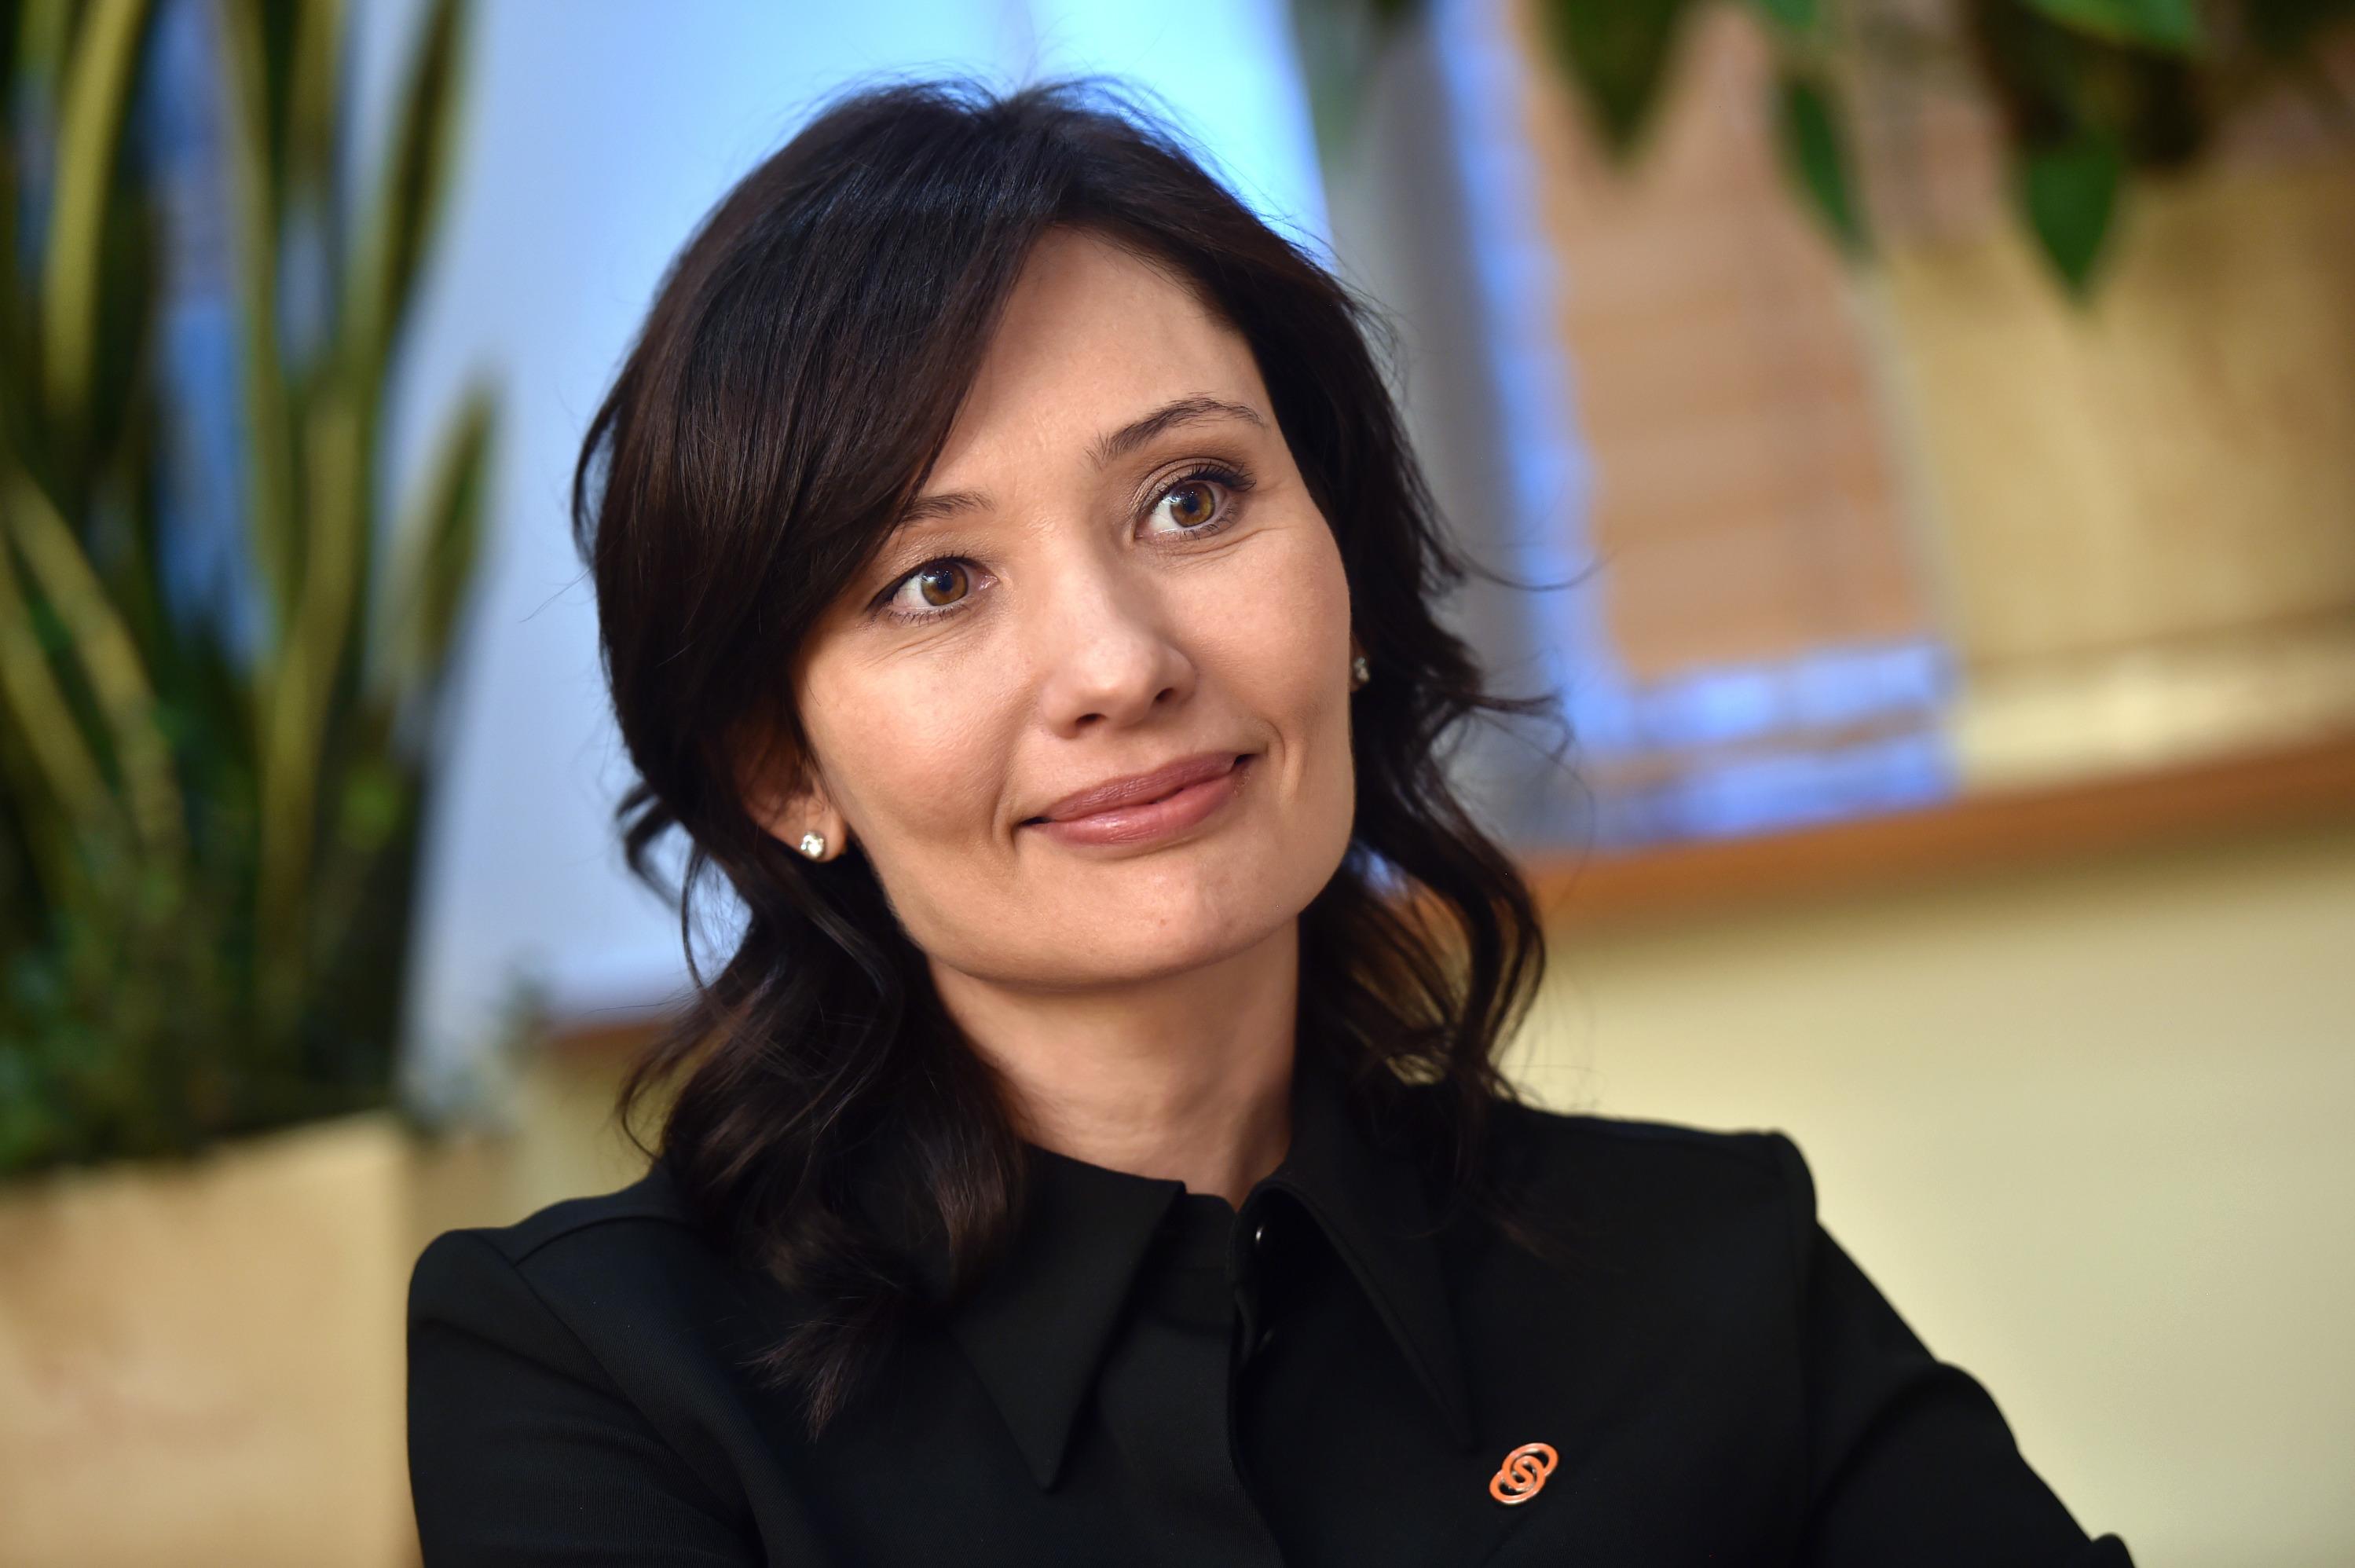 Майя Александровна Тихонова, генеральный директор «Согласия»